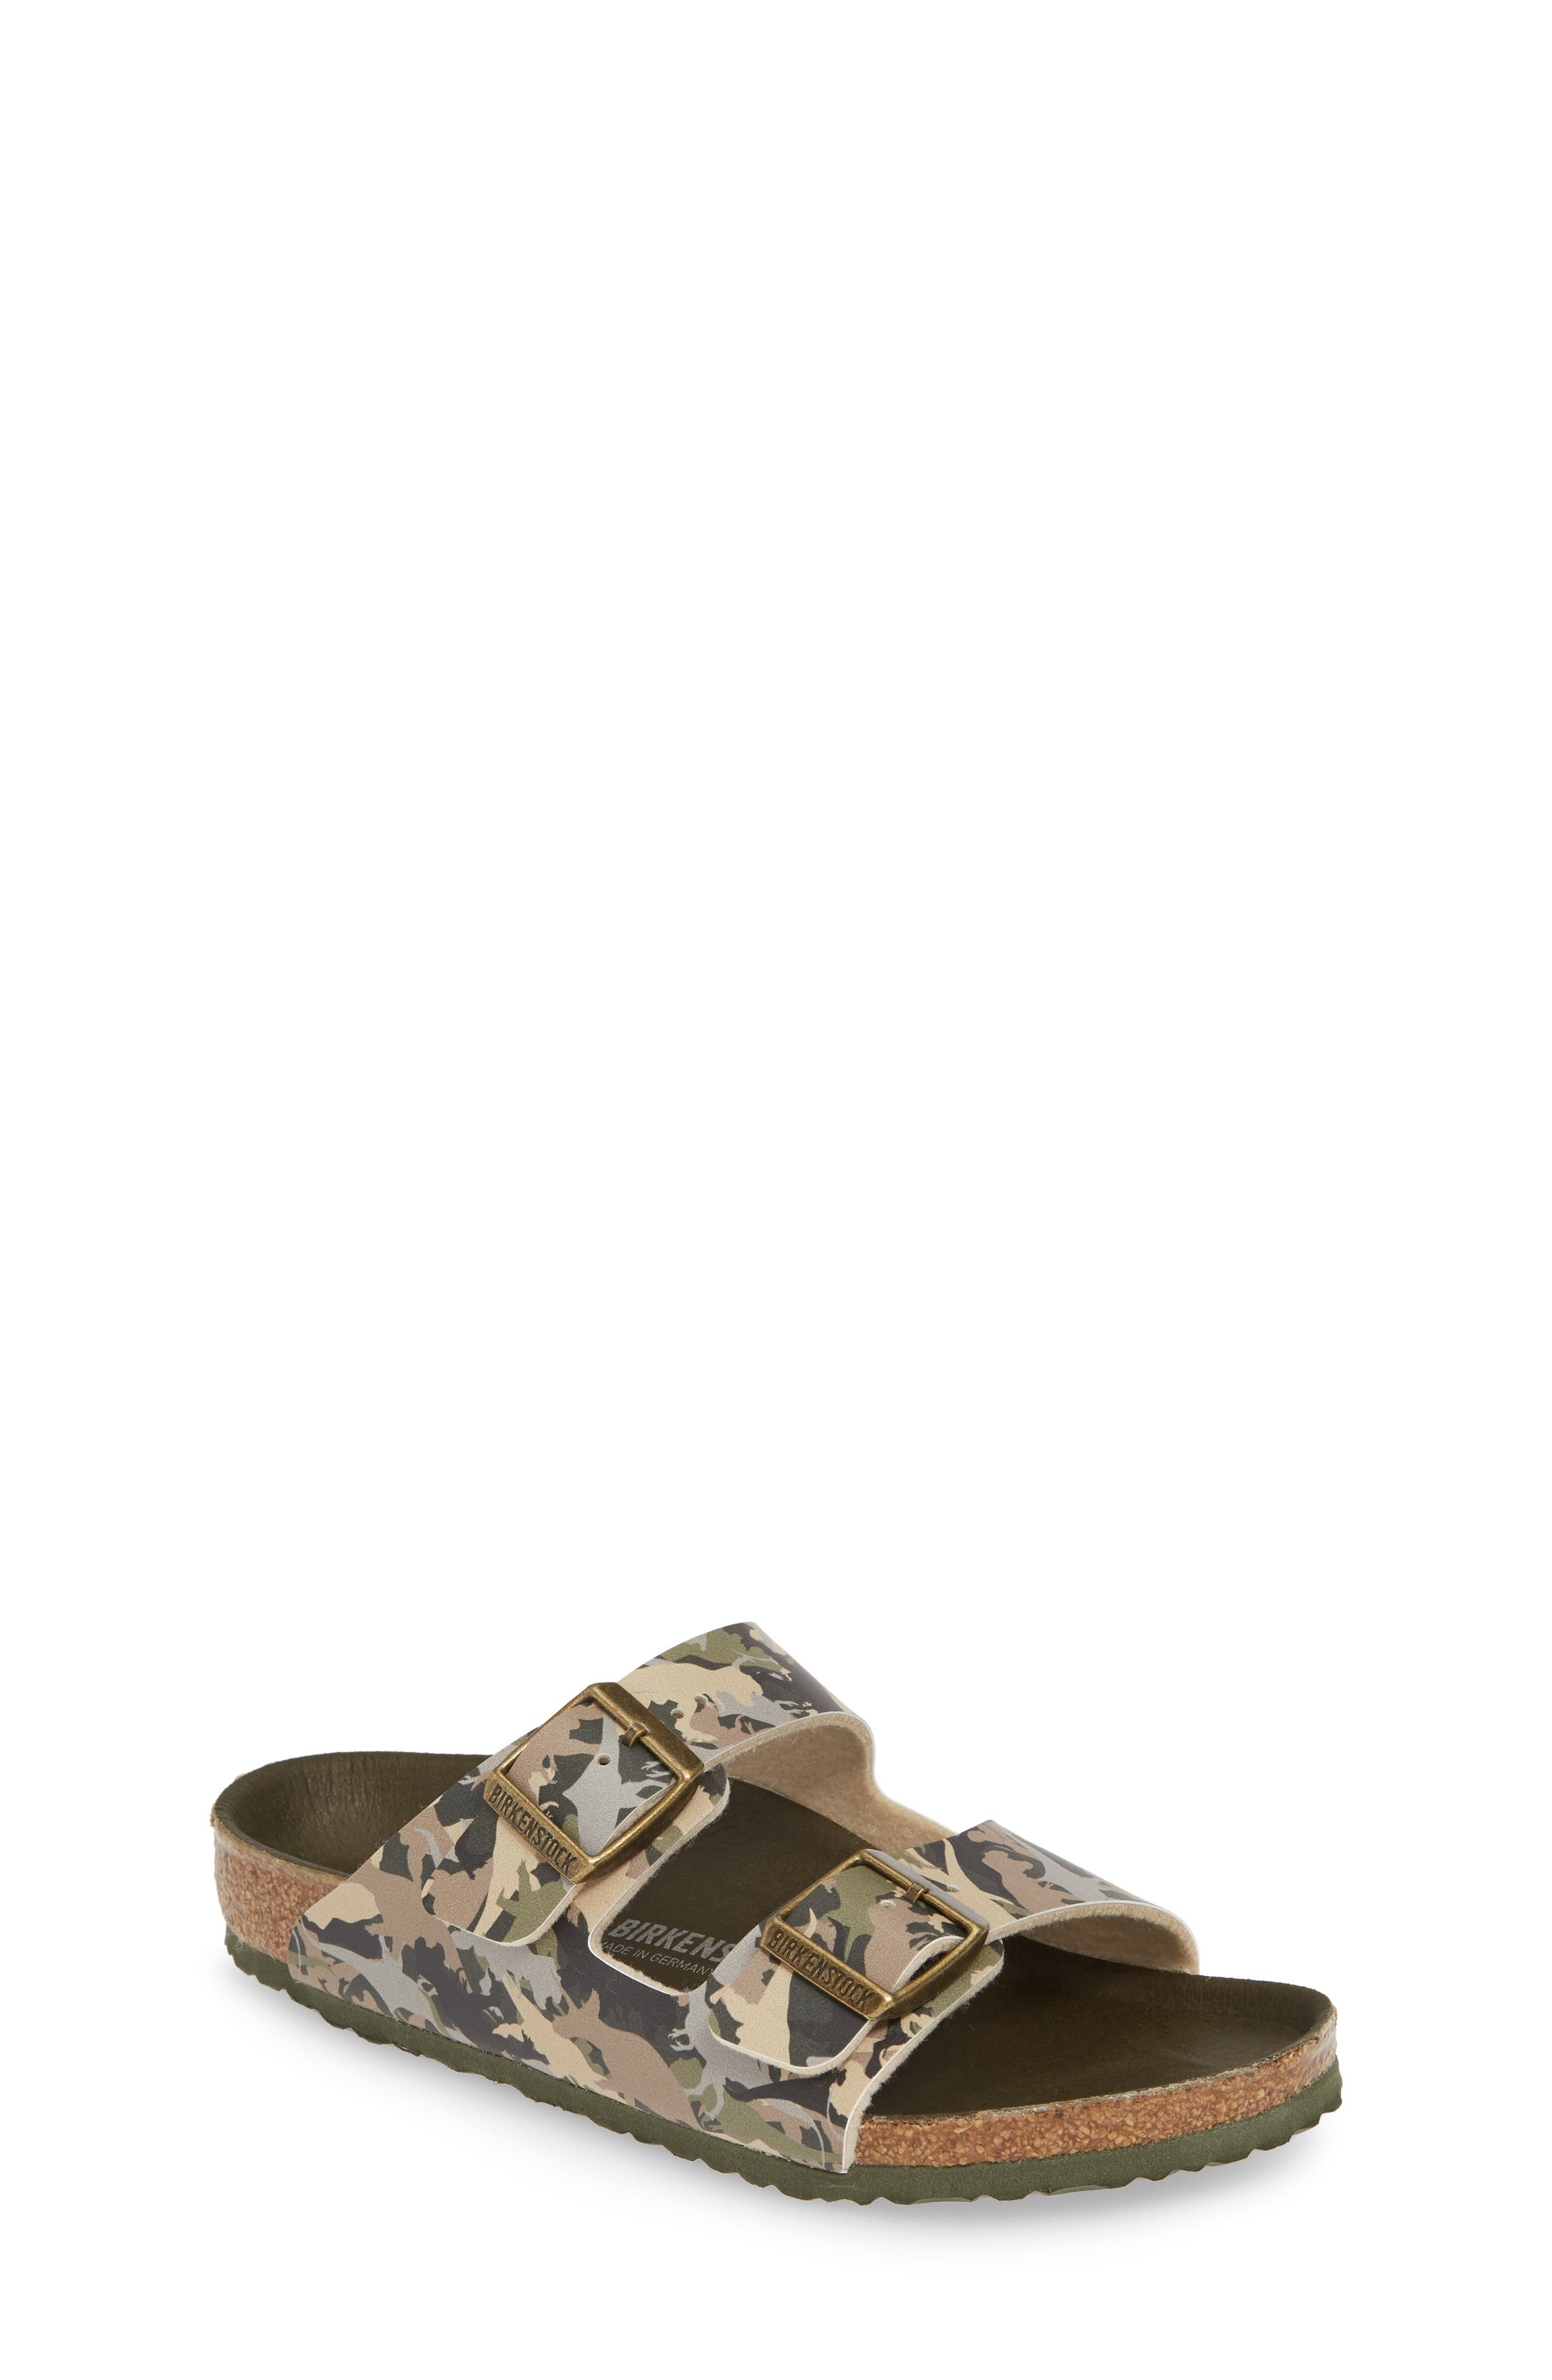 8b25635c814 Girls  Birkenstock Shoes